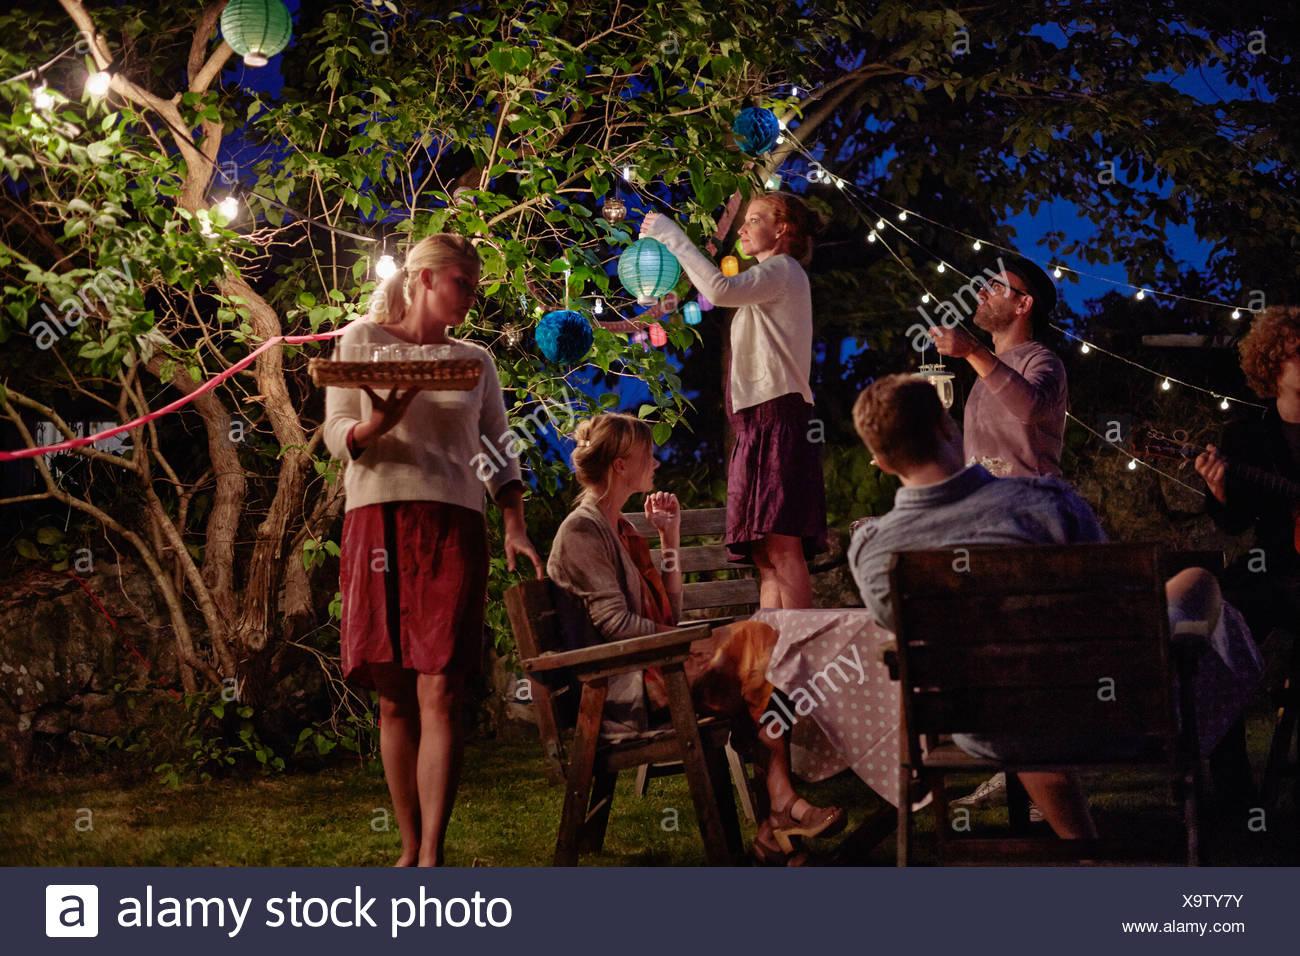 Grupo de adultos se preparan para garden party en la noche Imagen De Stock